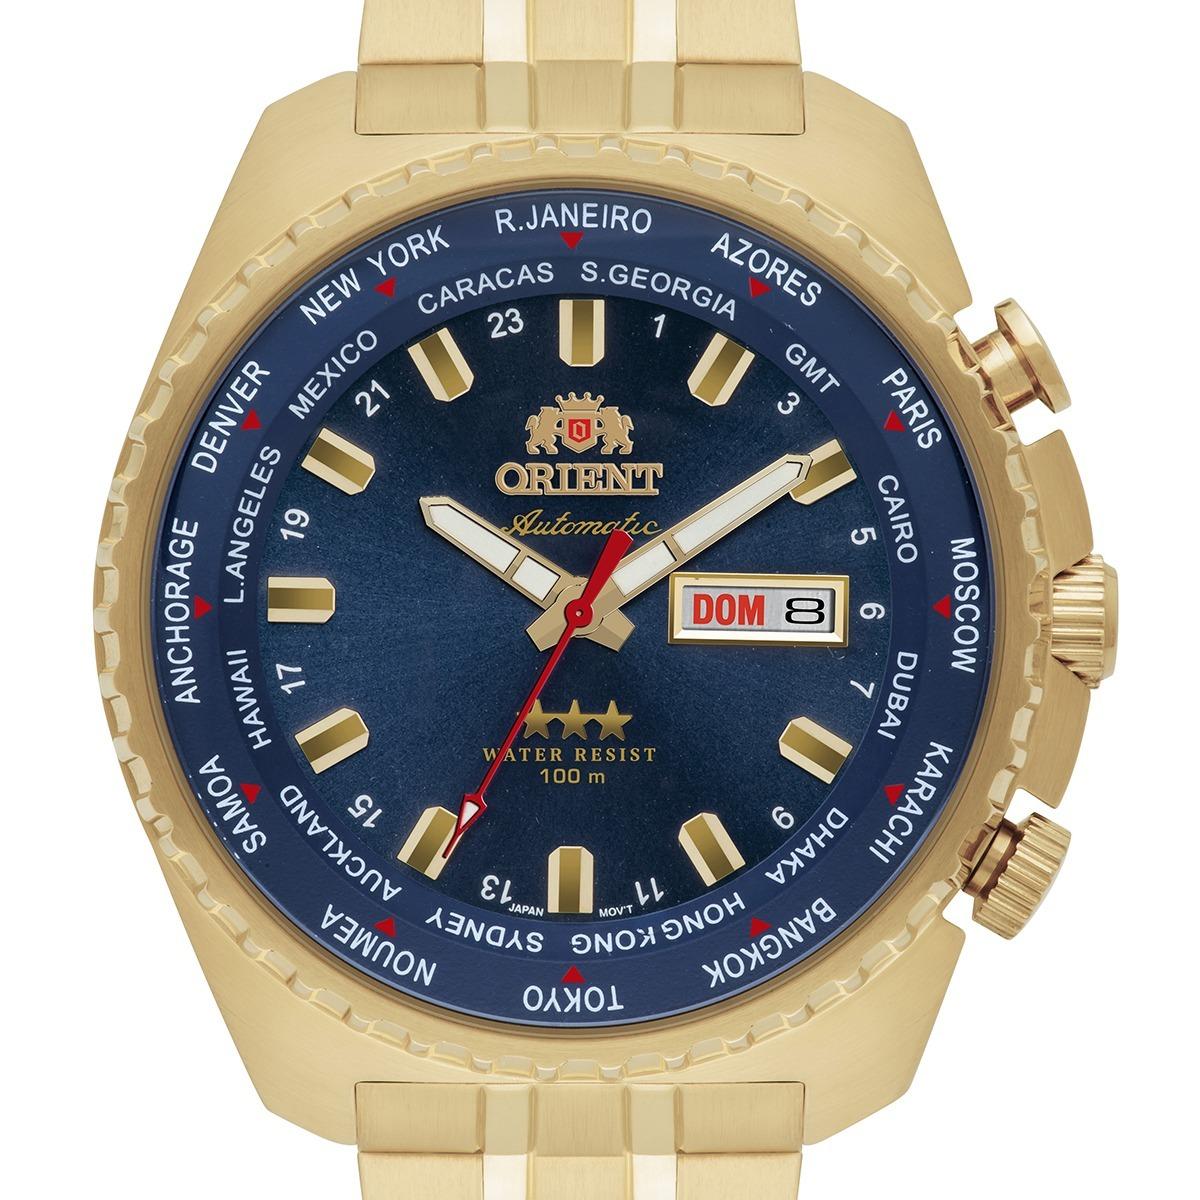 7462e5aaecc relógio orient automático original 469gp057 d1kx dourado. Carregando zoom.